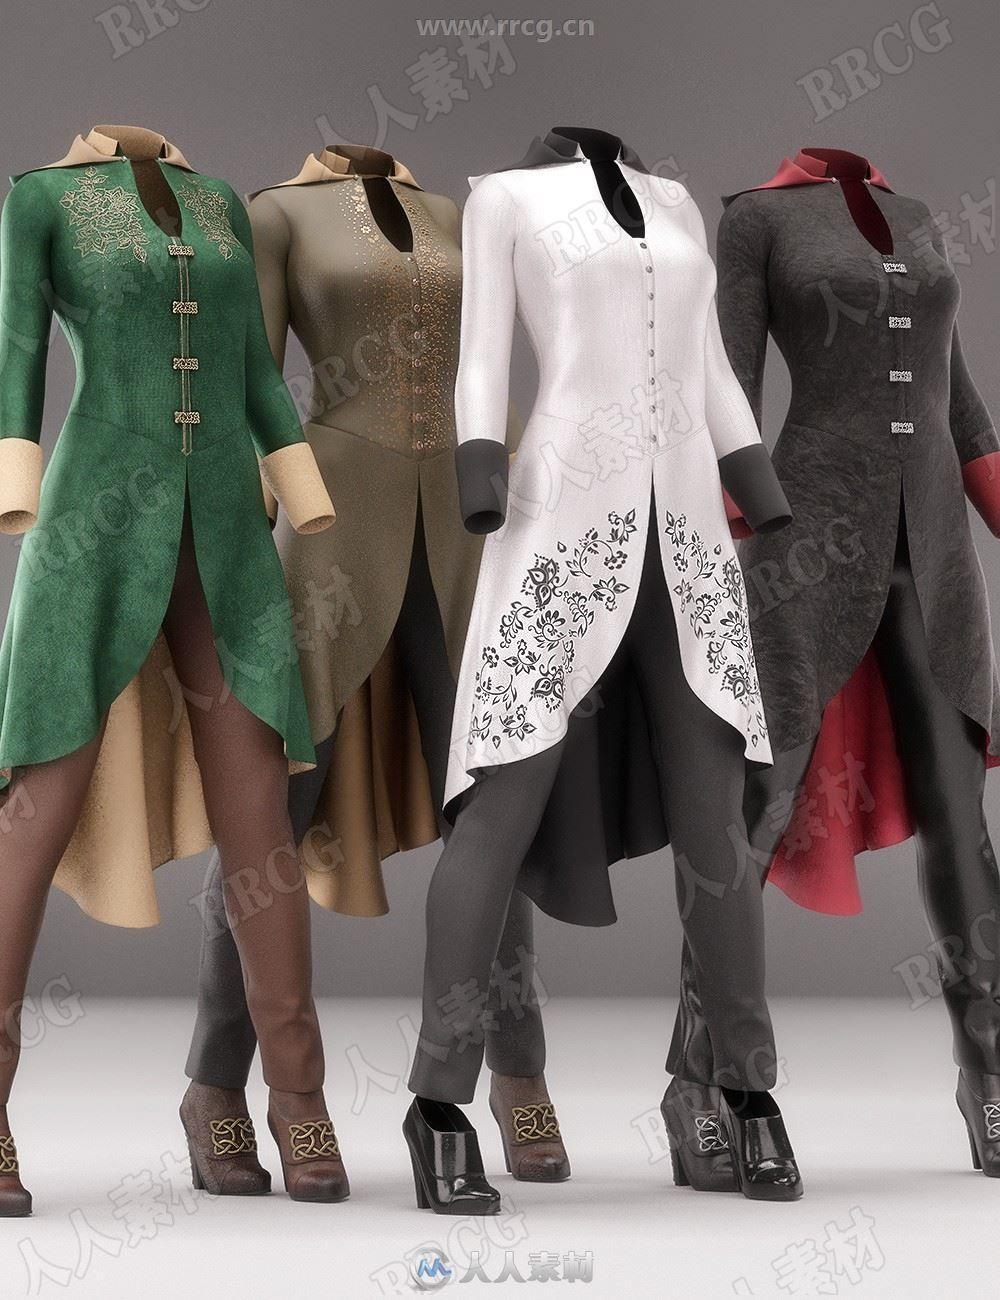 贵族鱼尾旗袍中式服装3D模型合集